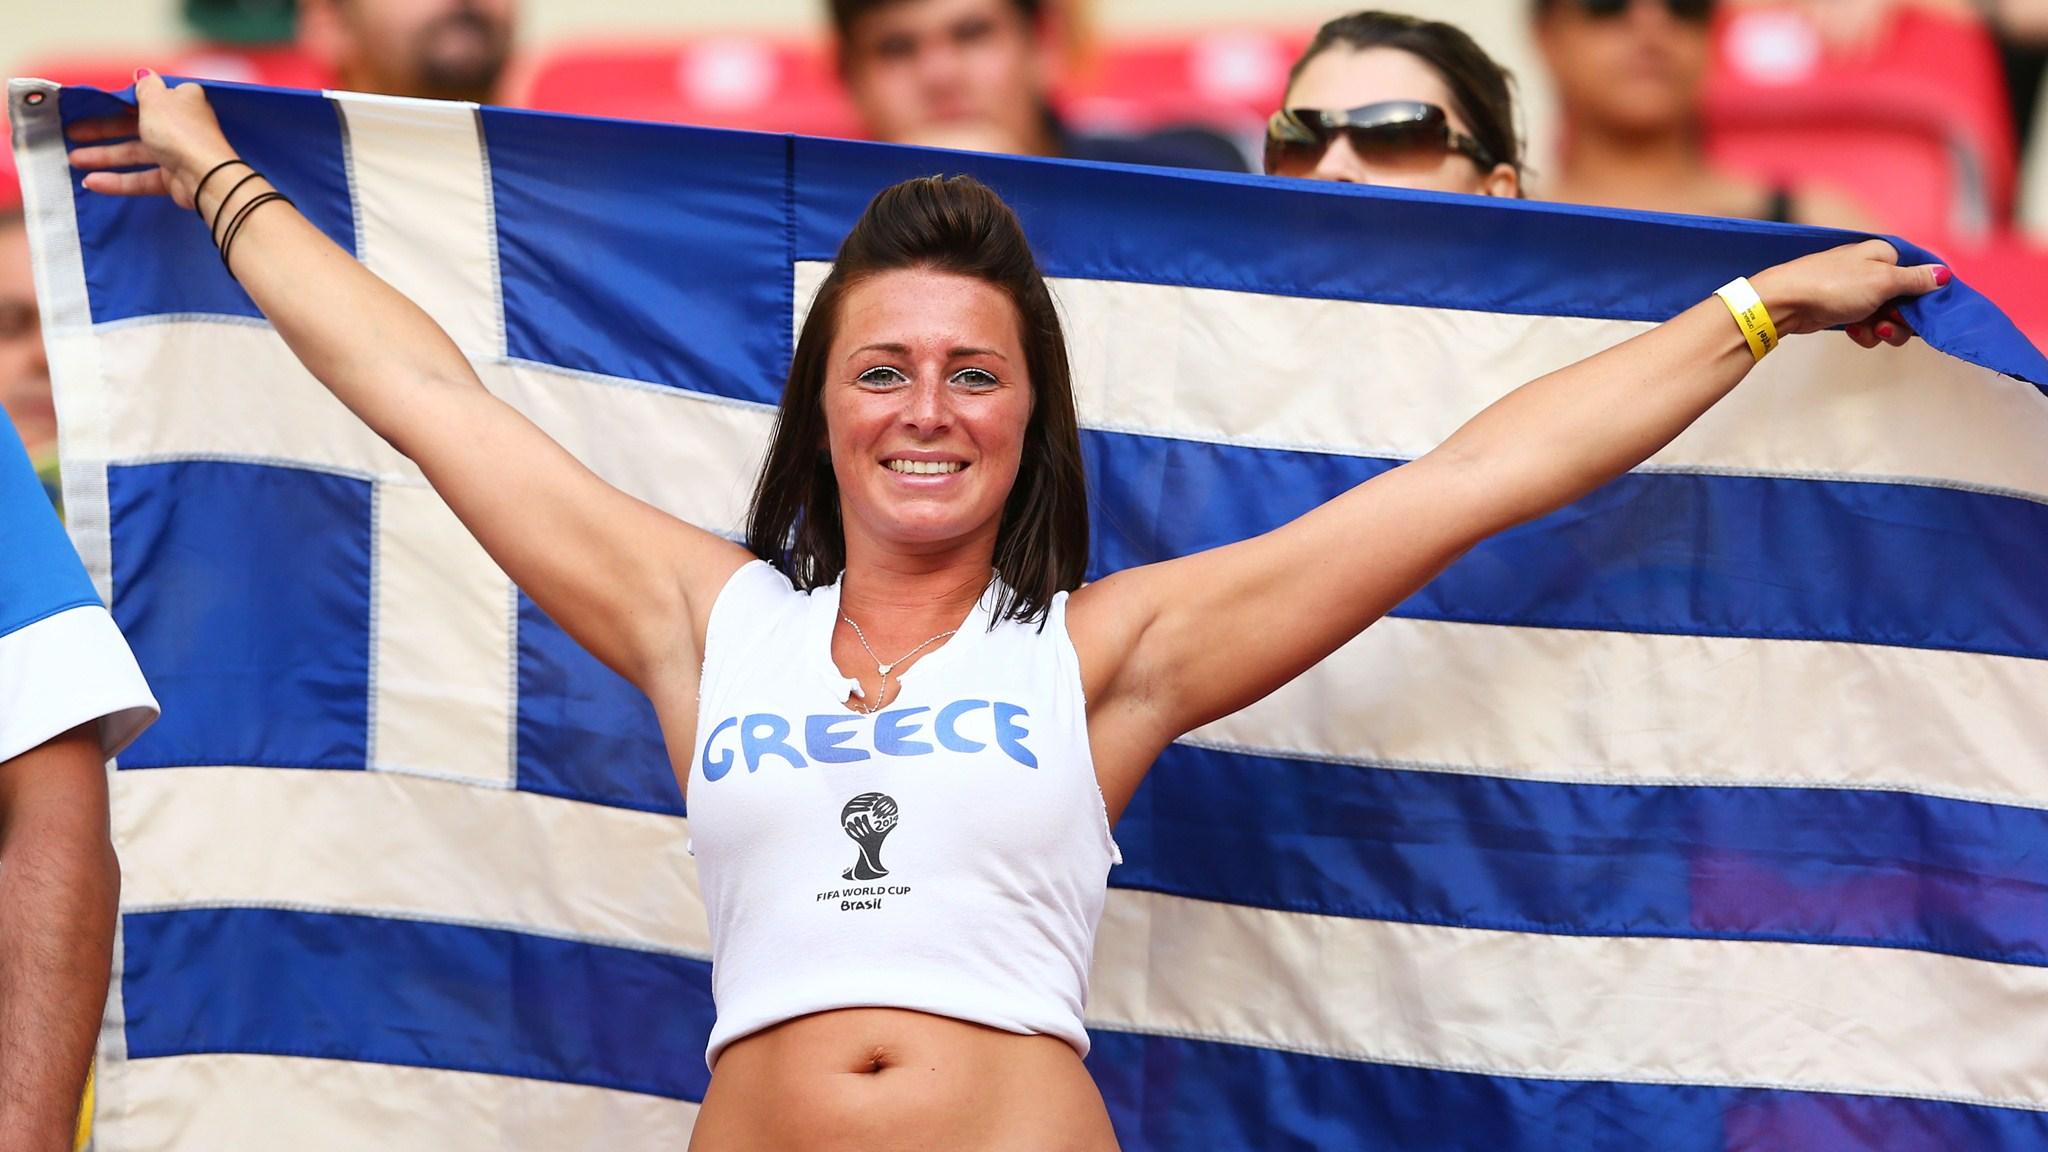 184 - Costa Rica-Greece [1-1 - Costa Rica win on penalties (5 - 3)] -- 29 Jun 2014 - 17-00 - kuaza